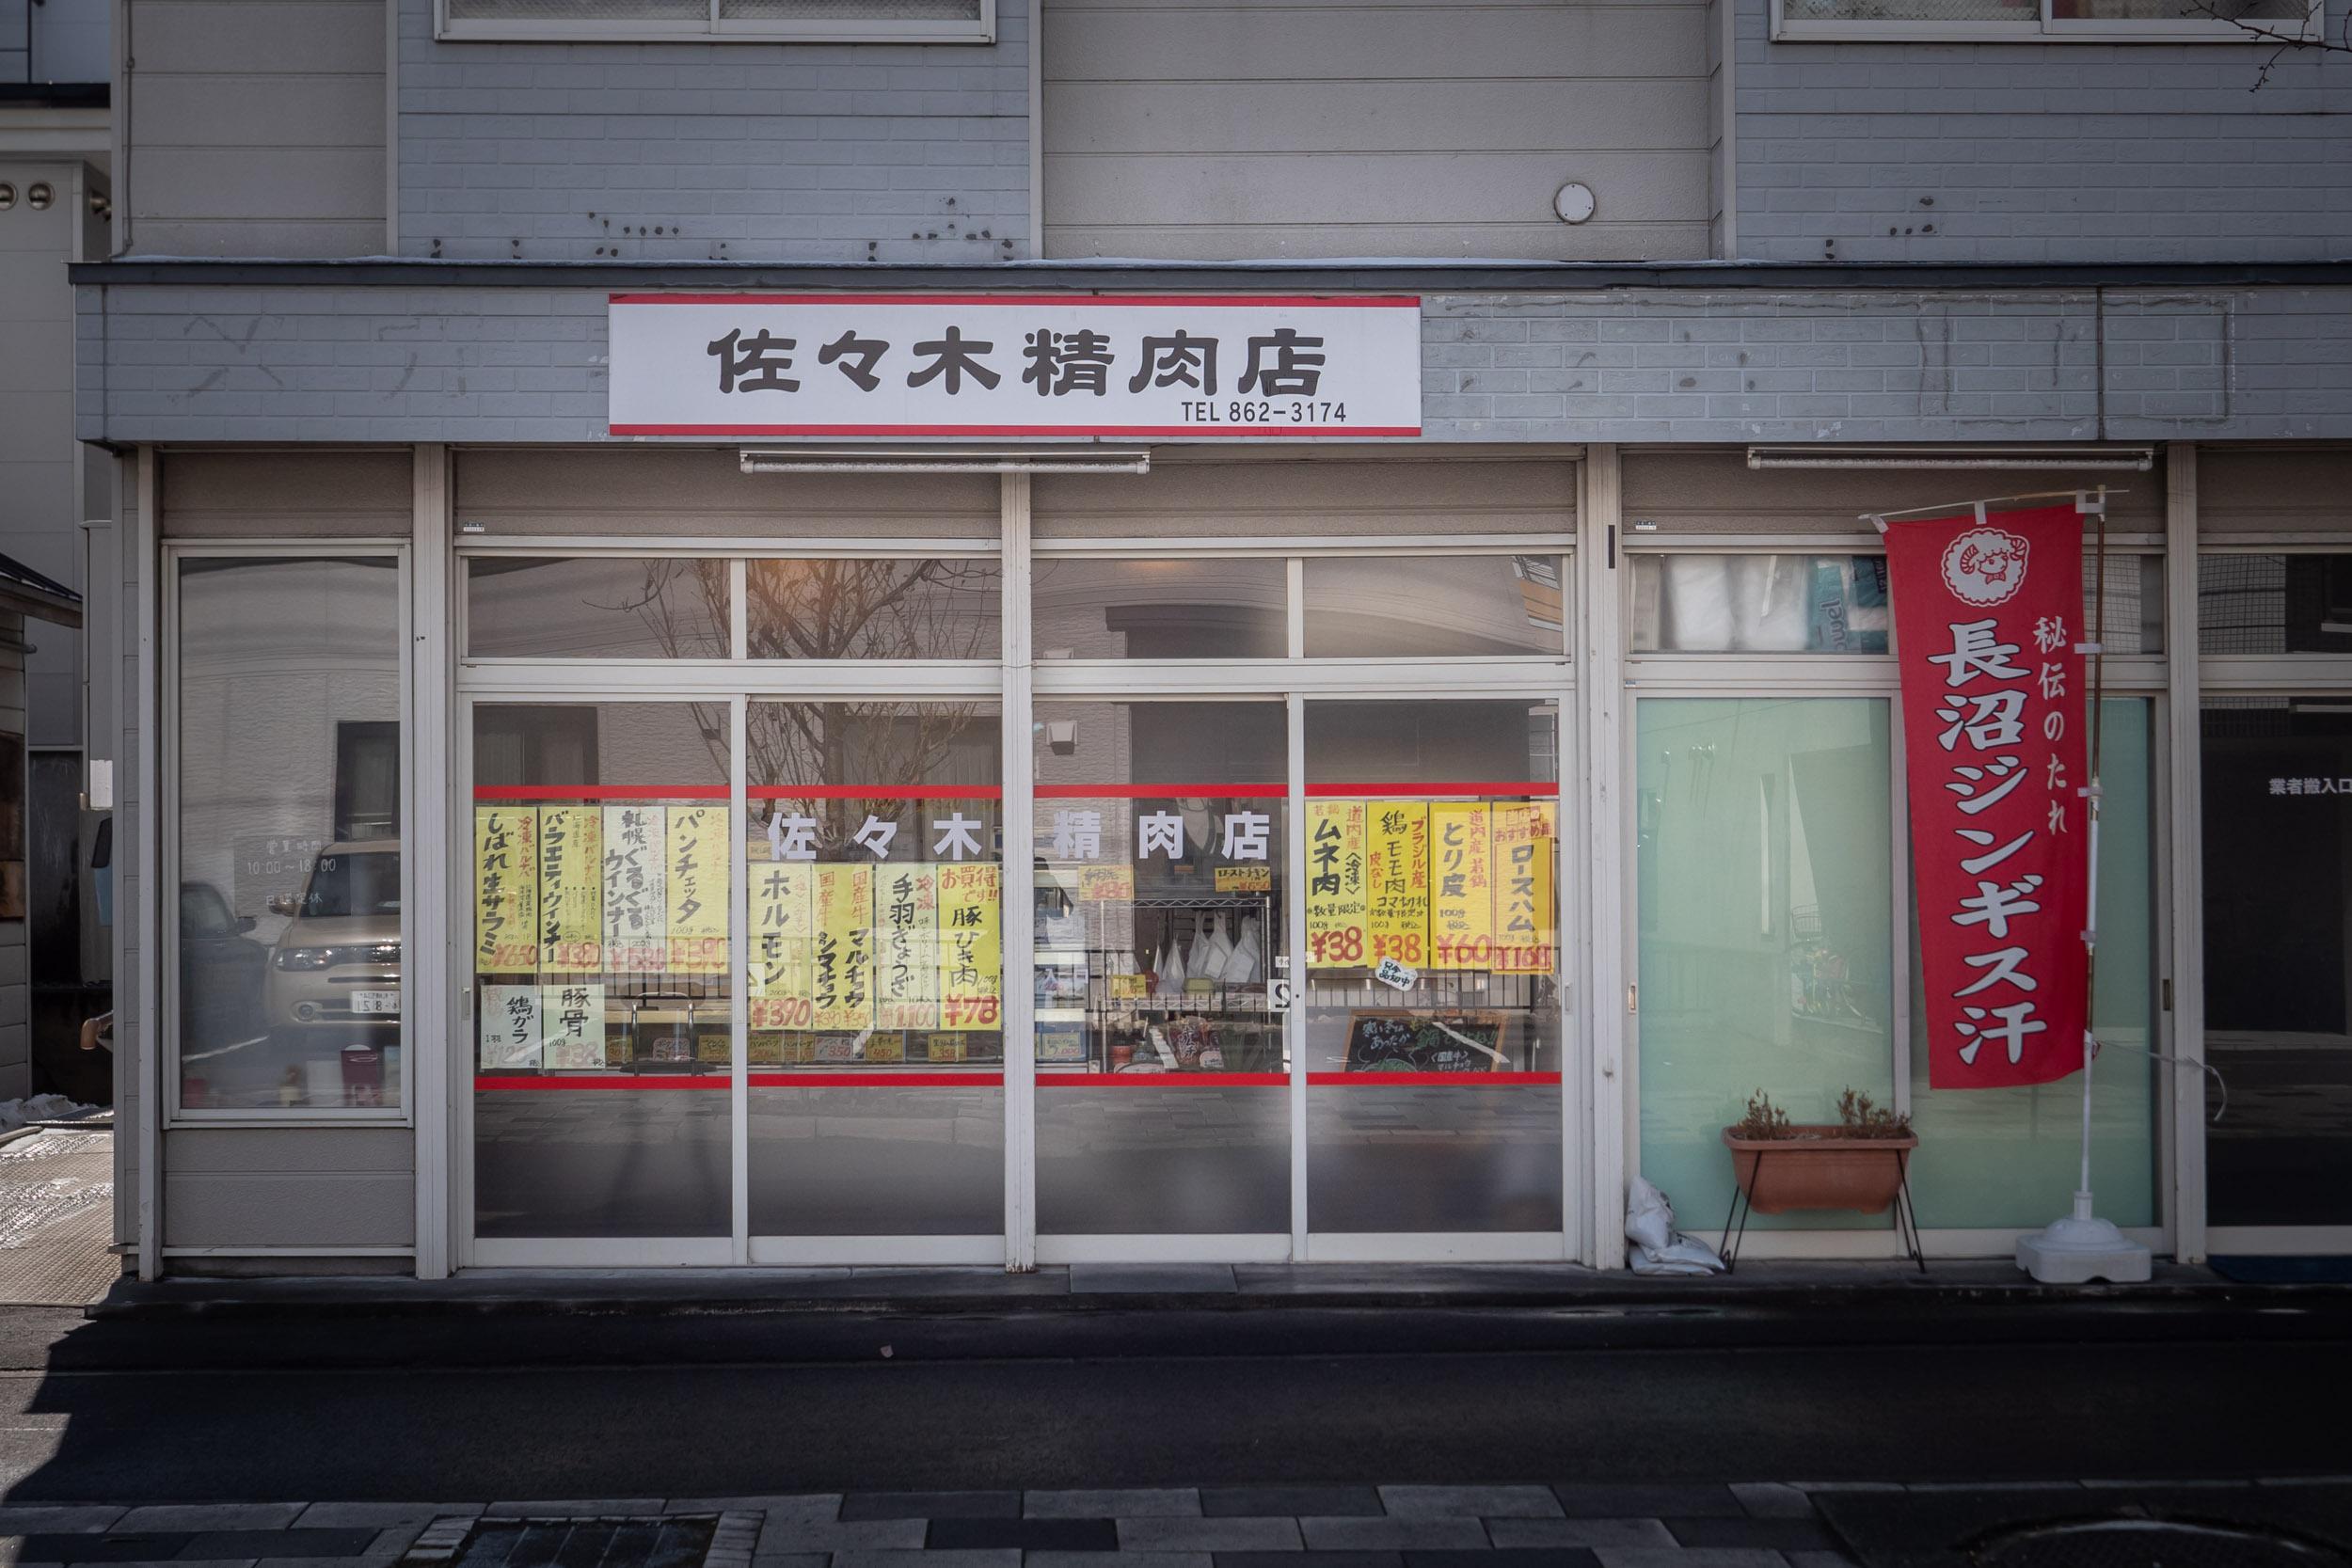 札幌市白石区本郷通9丁目北1−23「佐々木精肉店」の外観 DMC-GX8 + LEICA DG 12-60mm